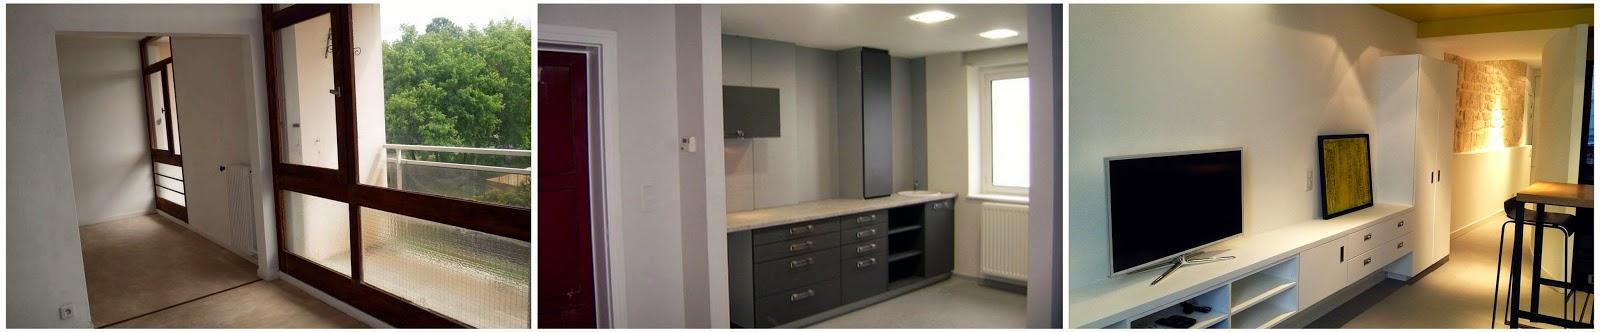 entreprise de peinture paris 1er. Black Bedroom Furniture Sets. Home Design Ideas